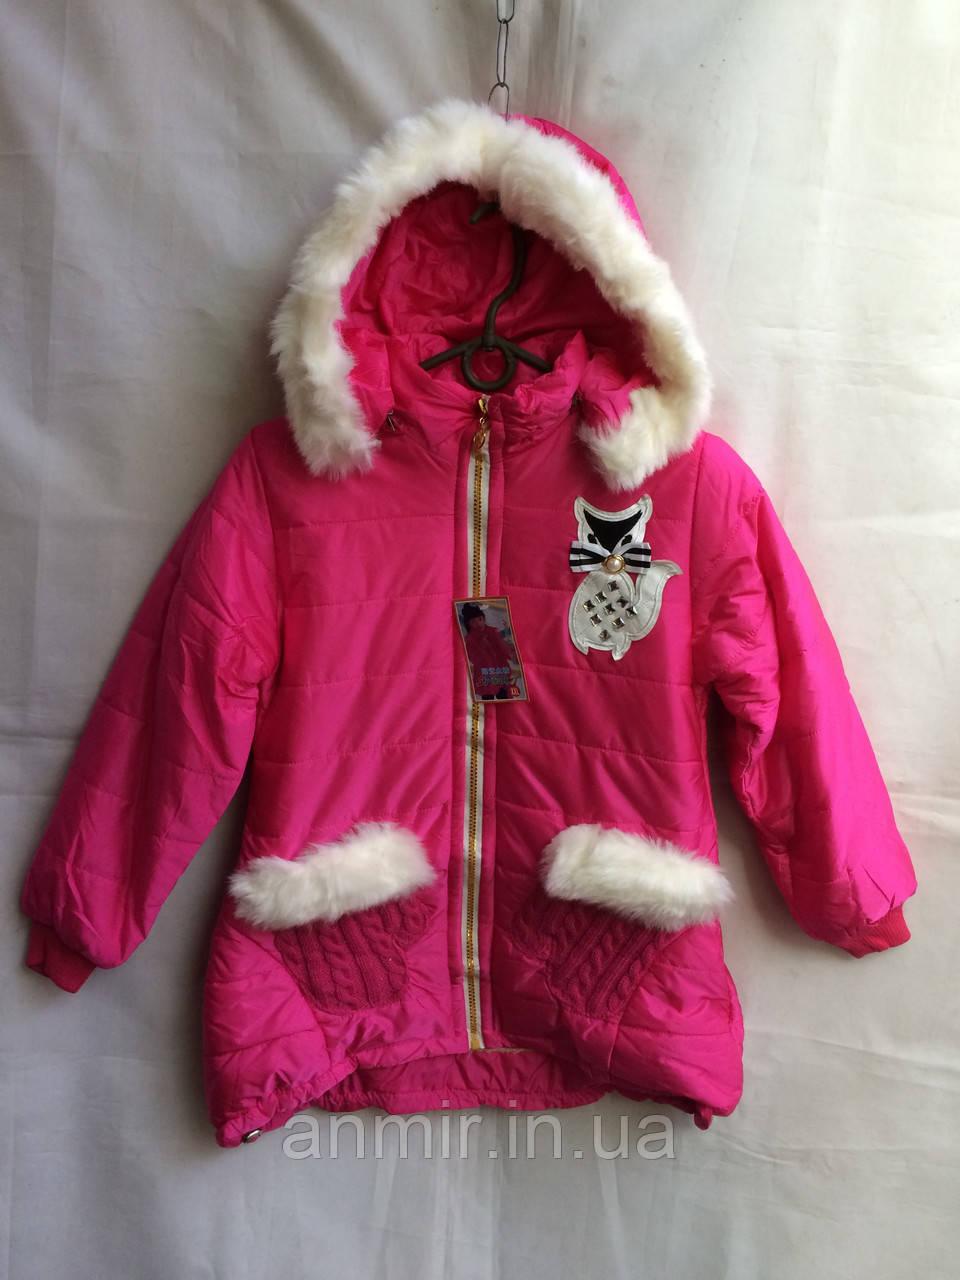 Куртка зимняя для девочки 7-10 лет,малиновая, фото 1